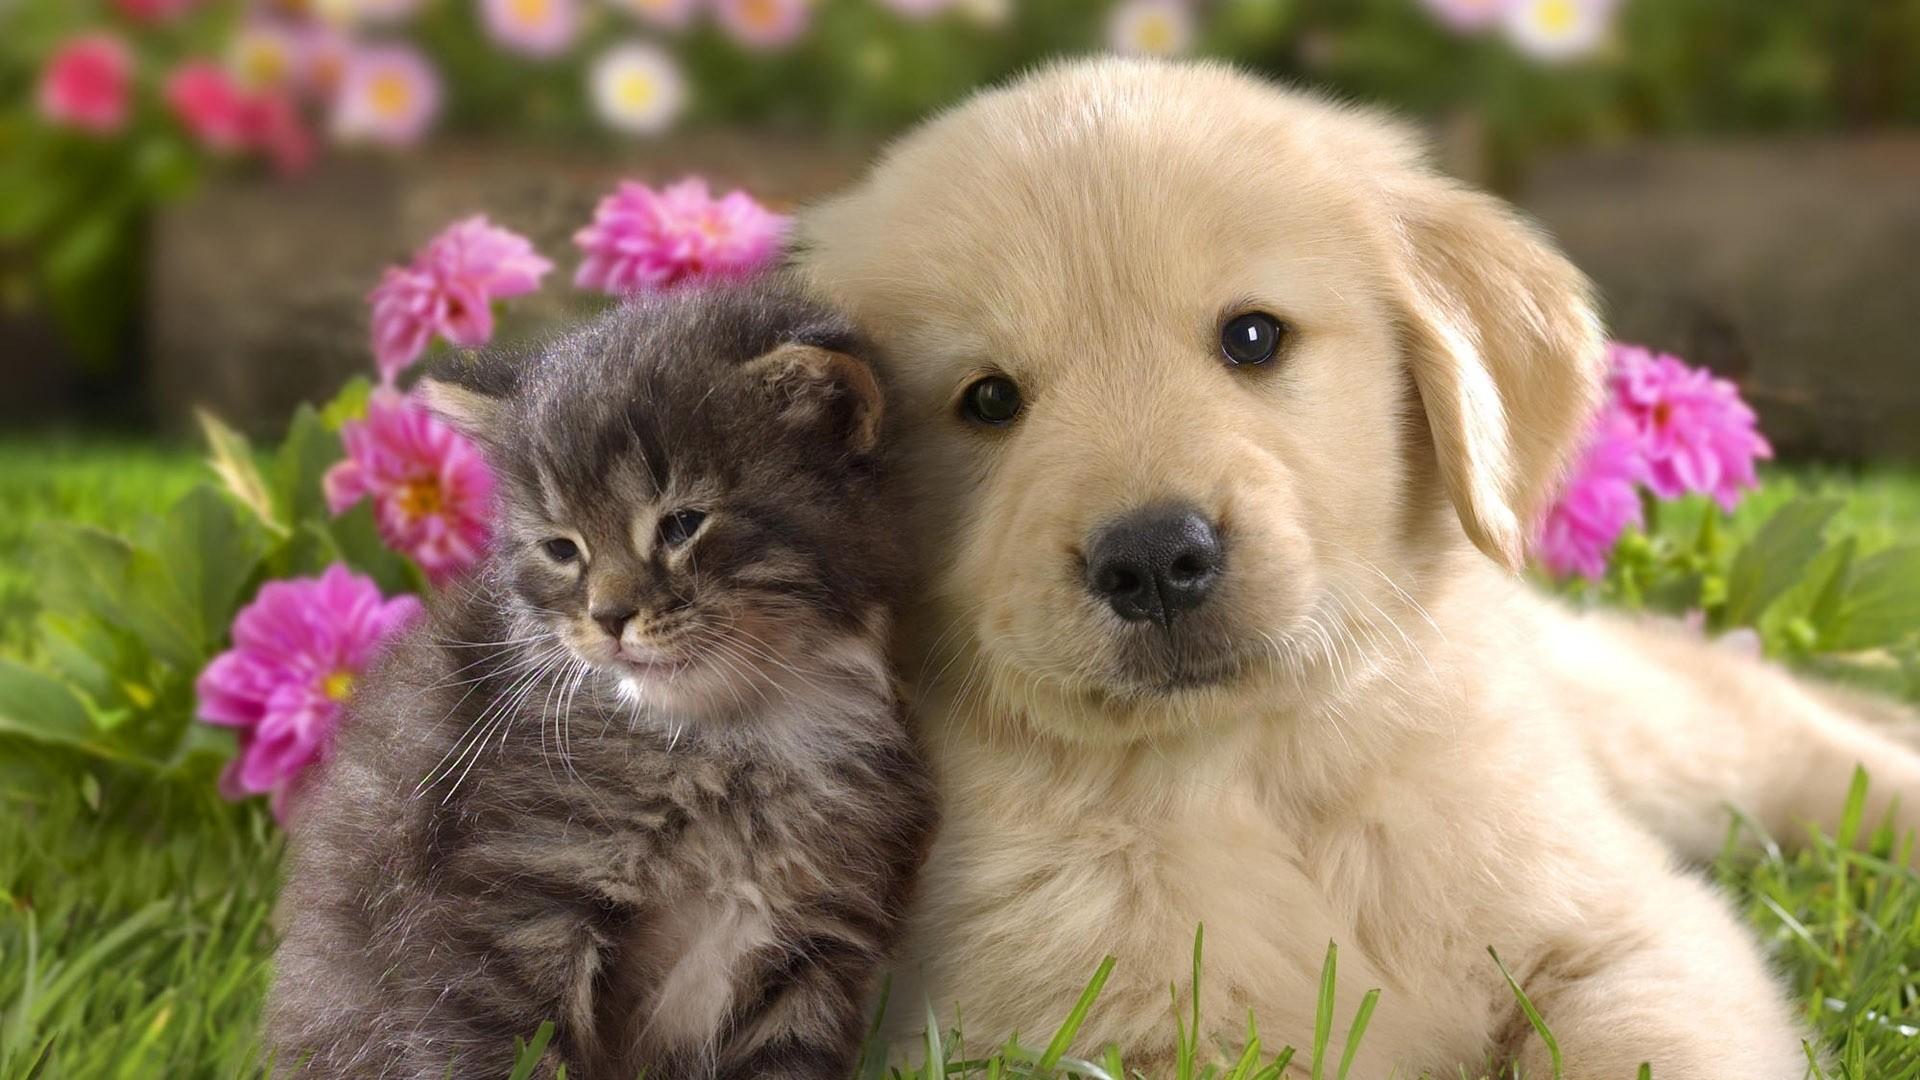 Preview wallpaper puppy, kitten, grass, flowers, couple, friendship  1920×1080